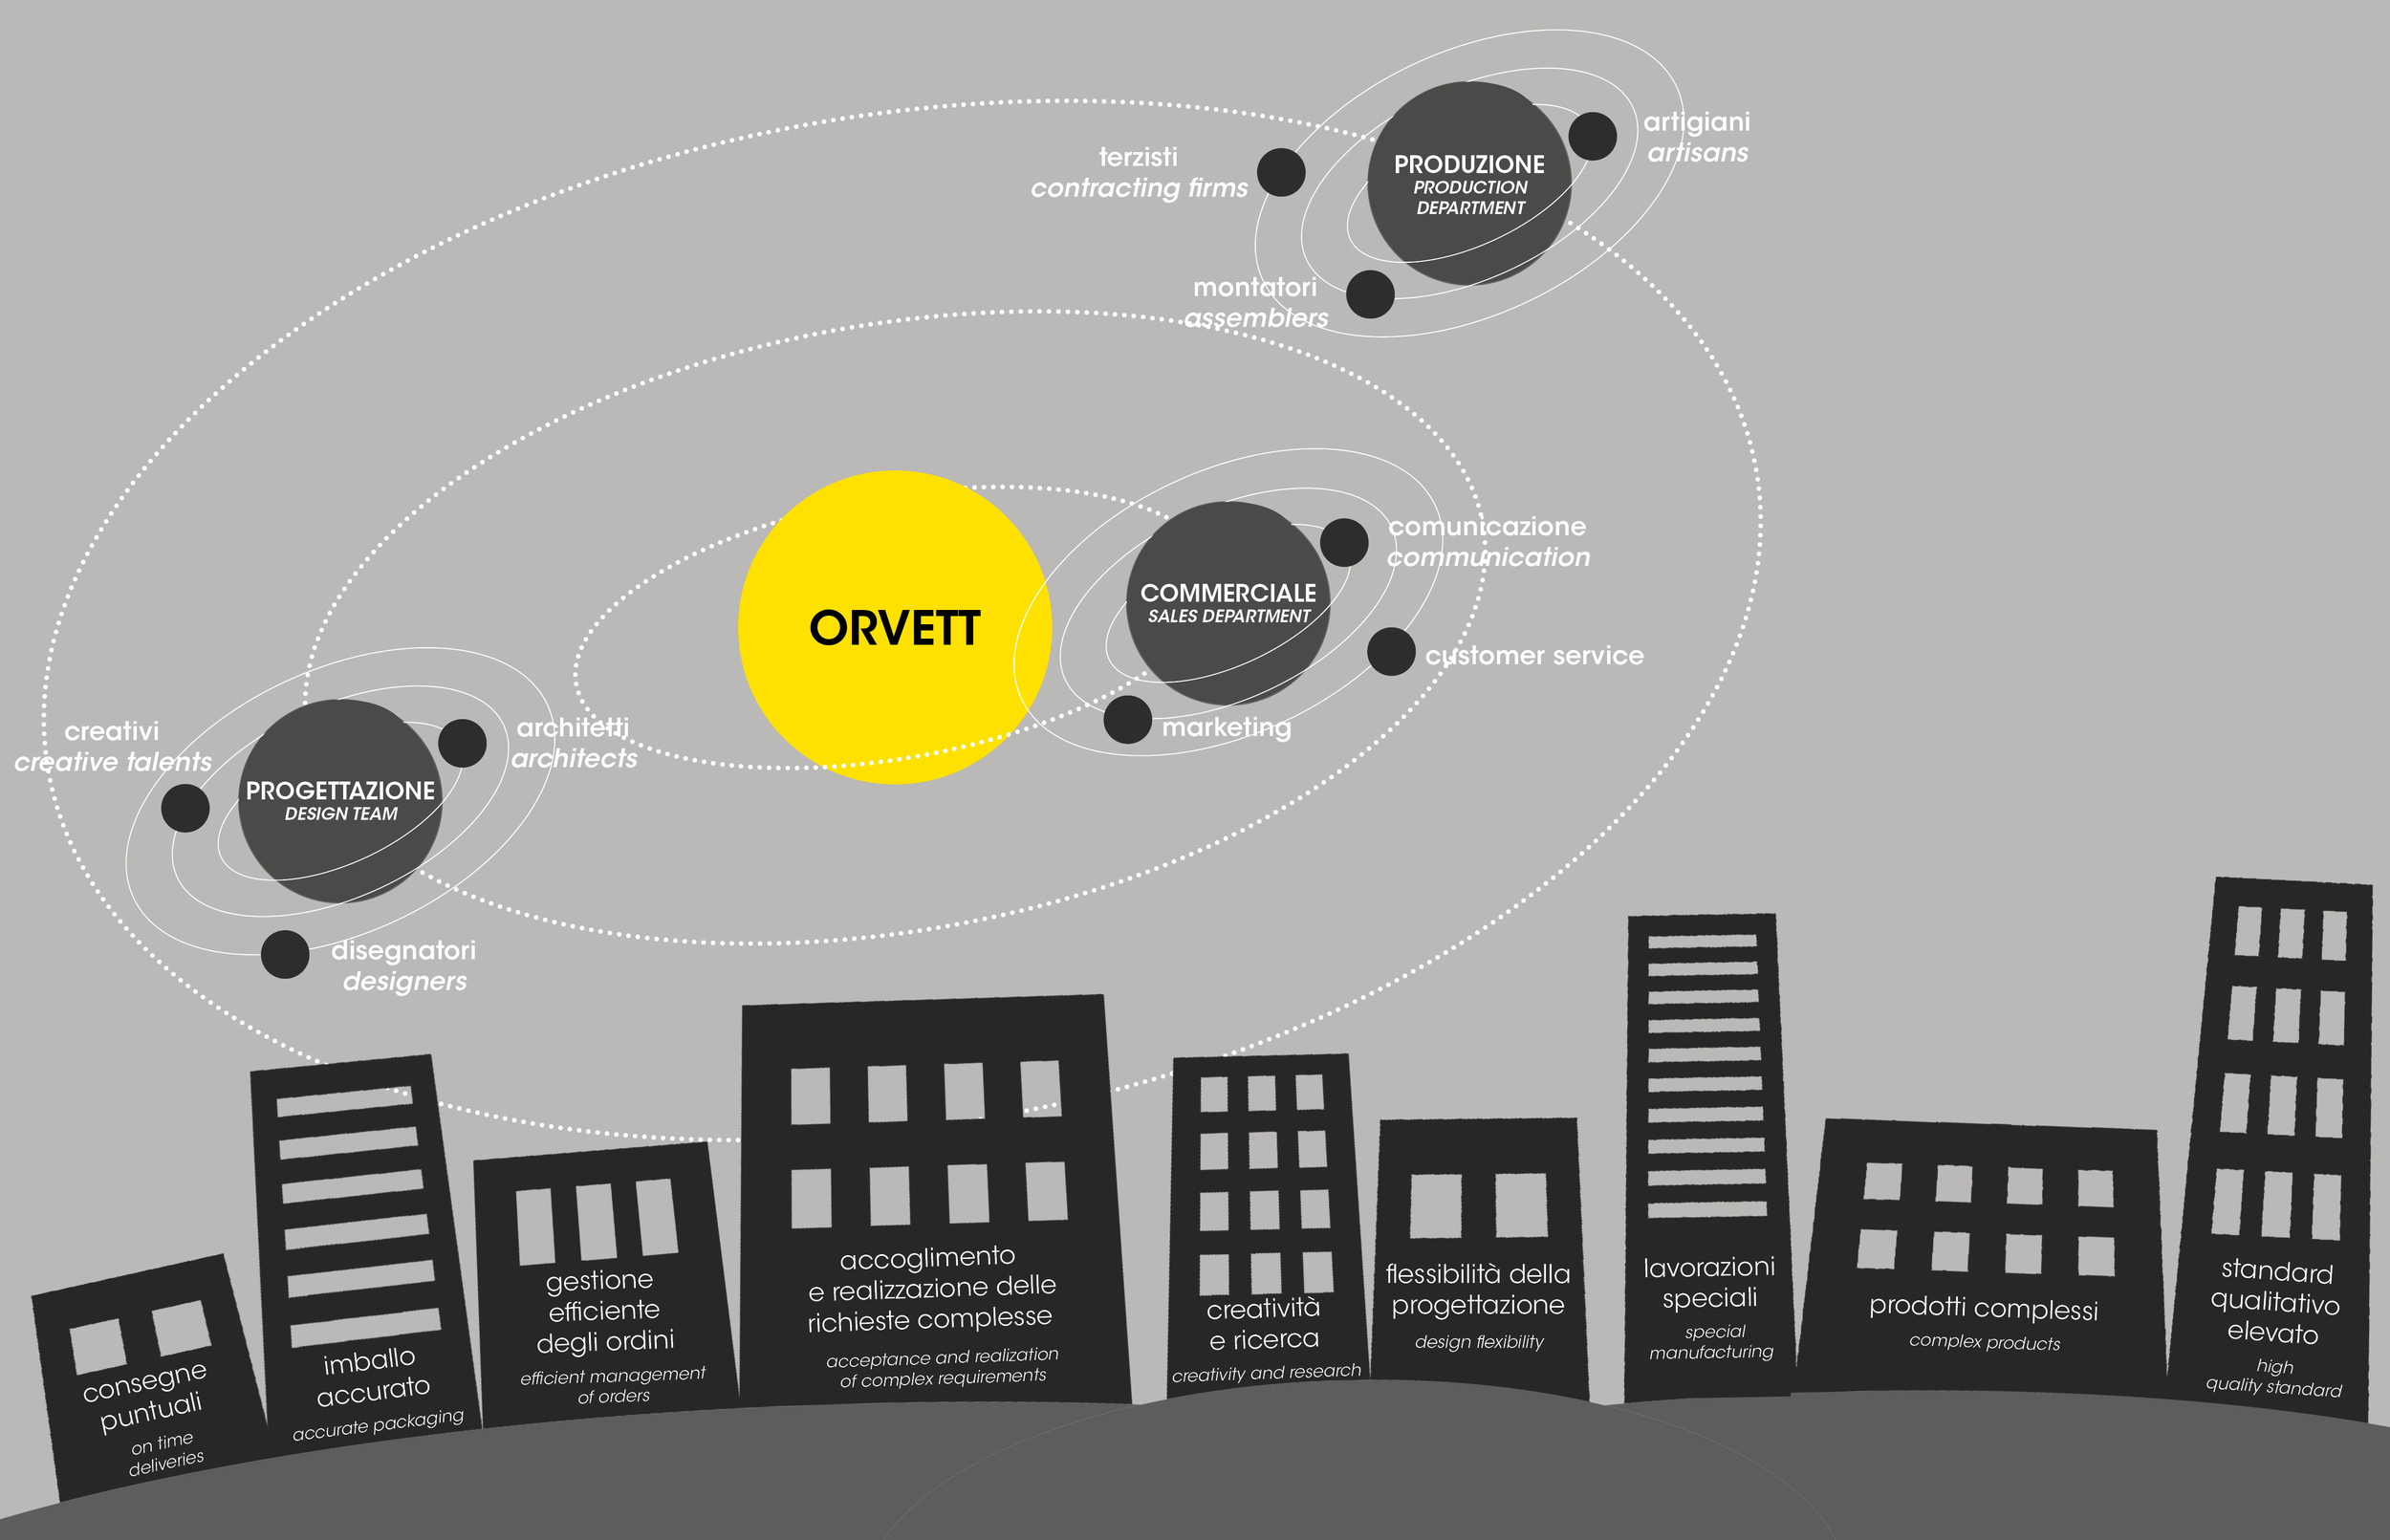 ORVETT_SYSTEM